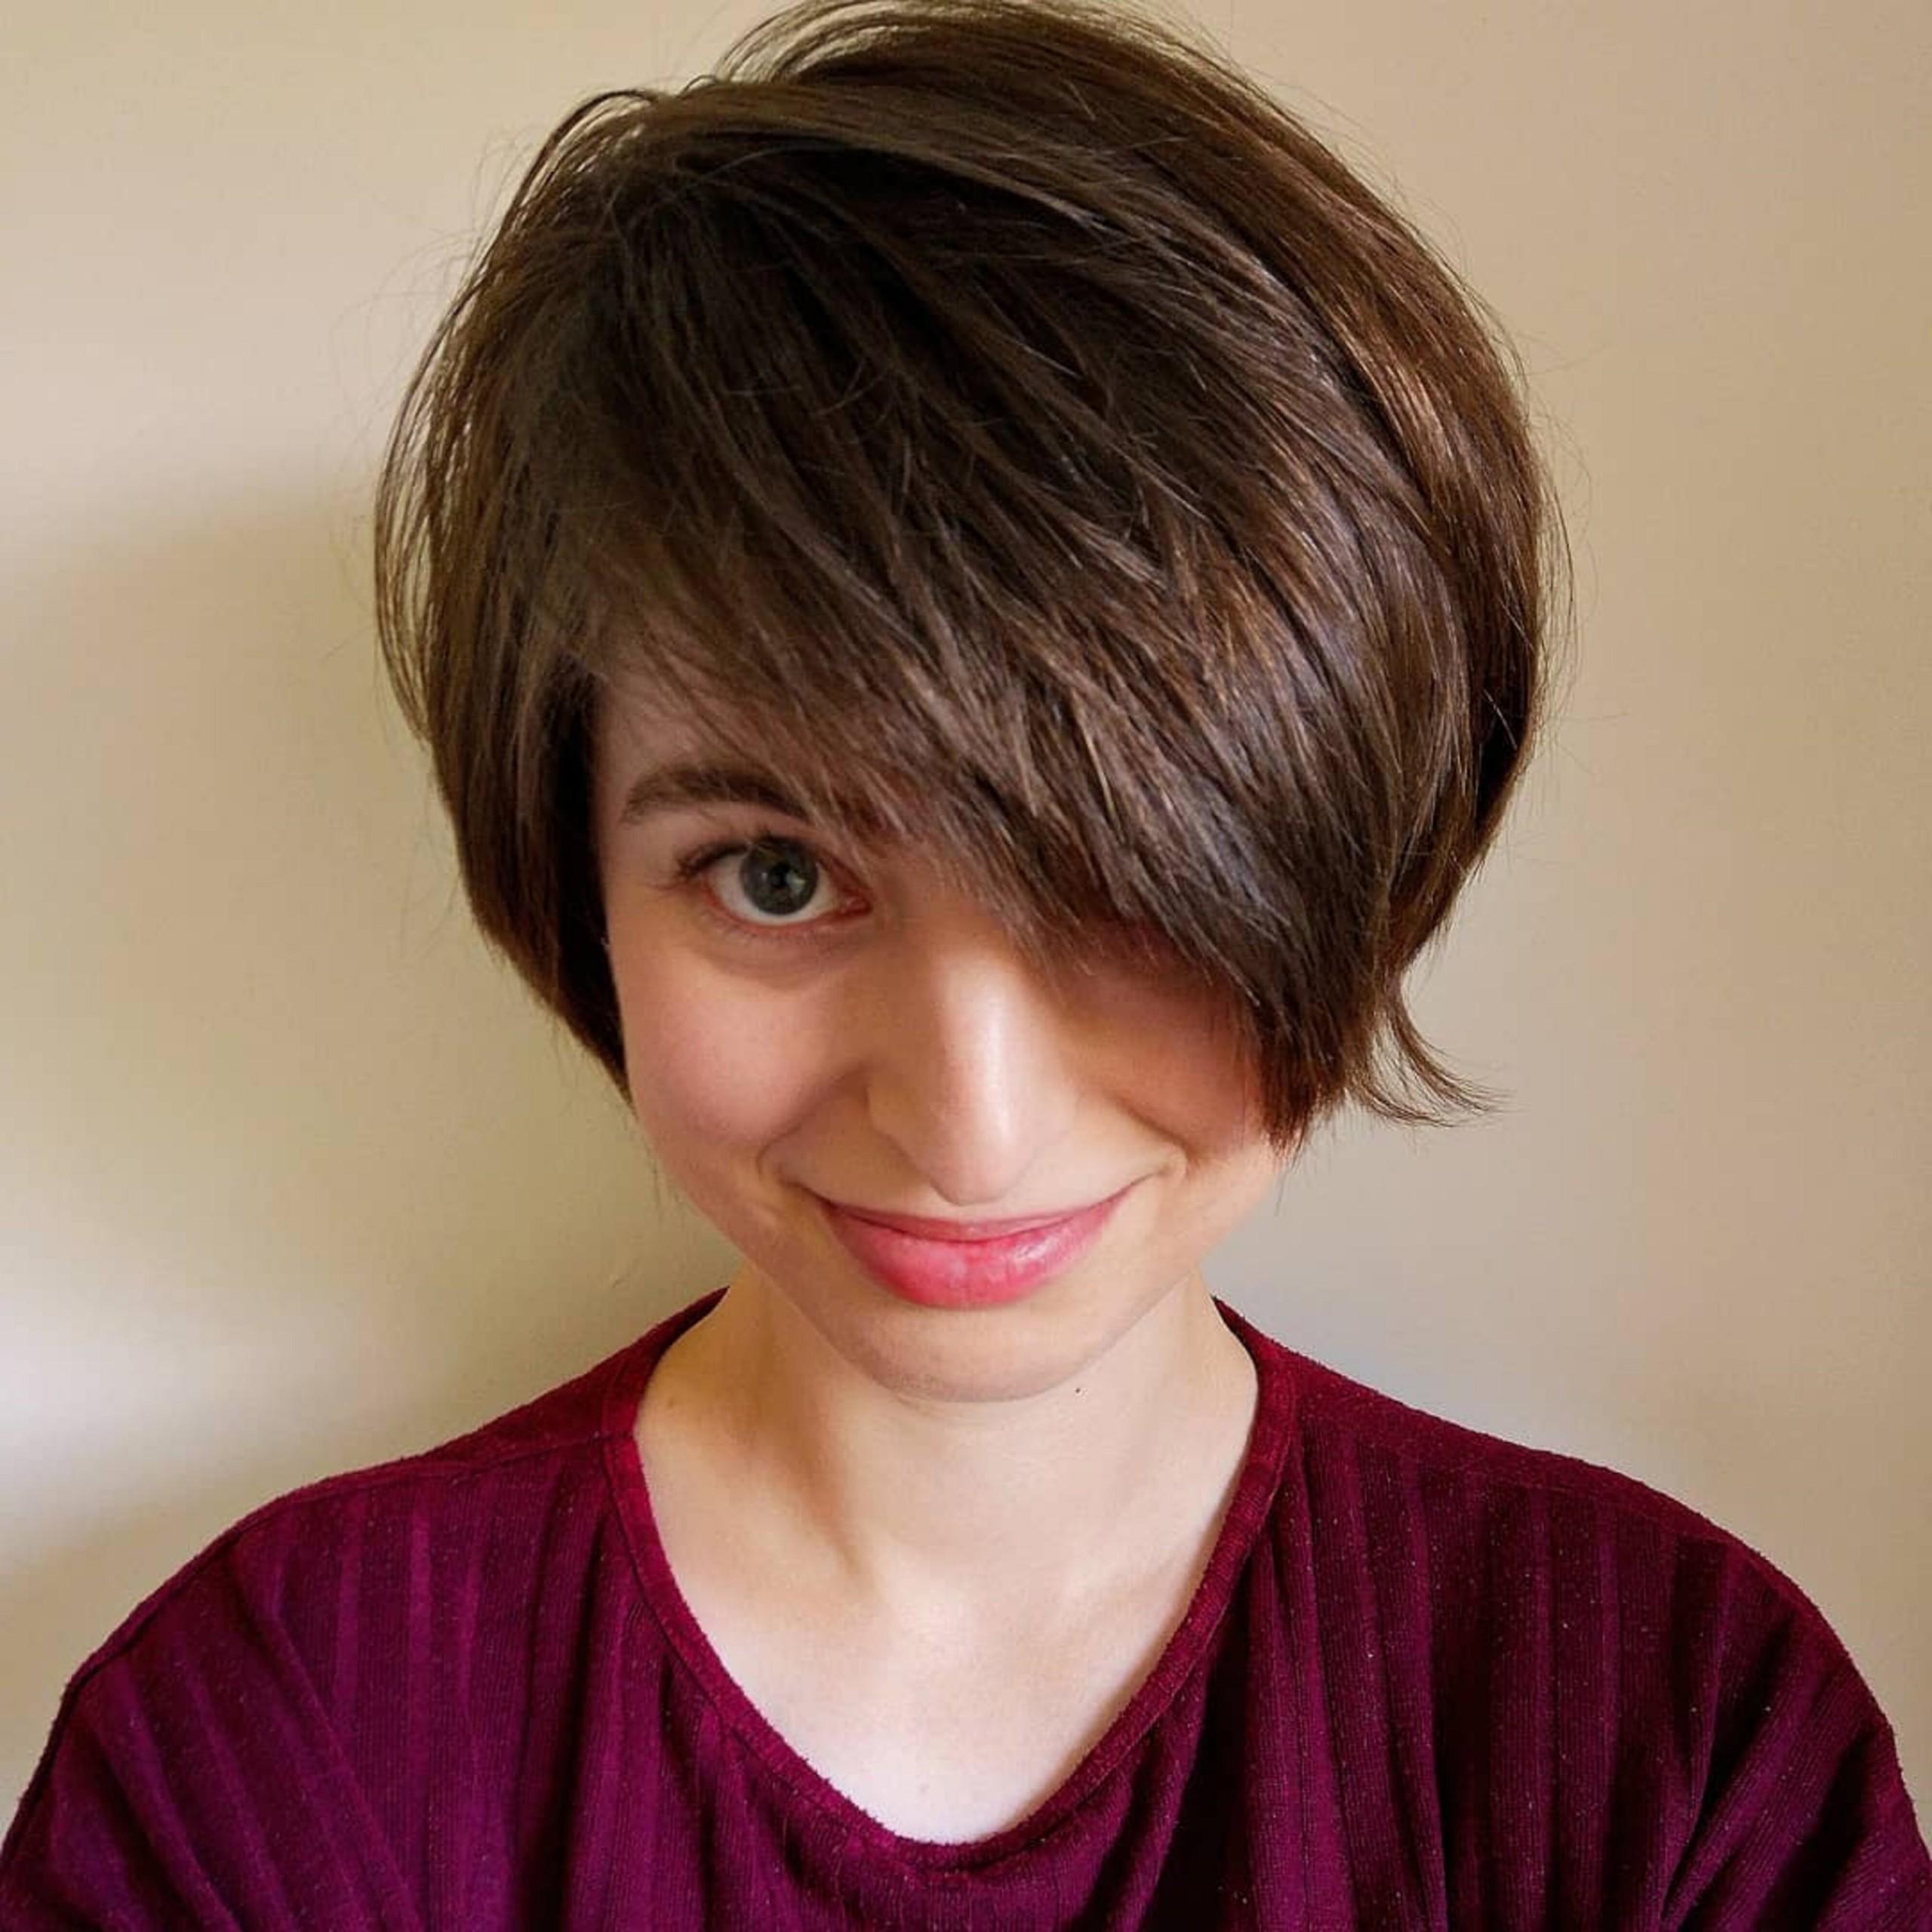 A copper pixie haircut for short hair.